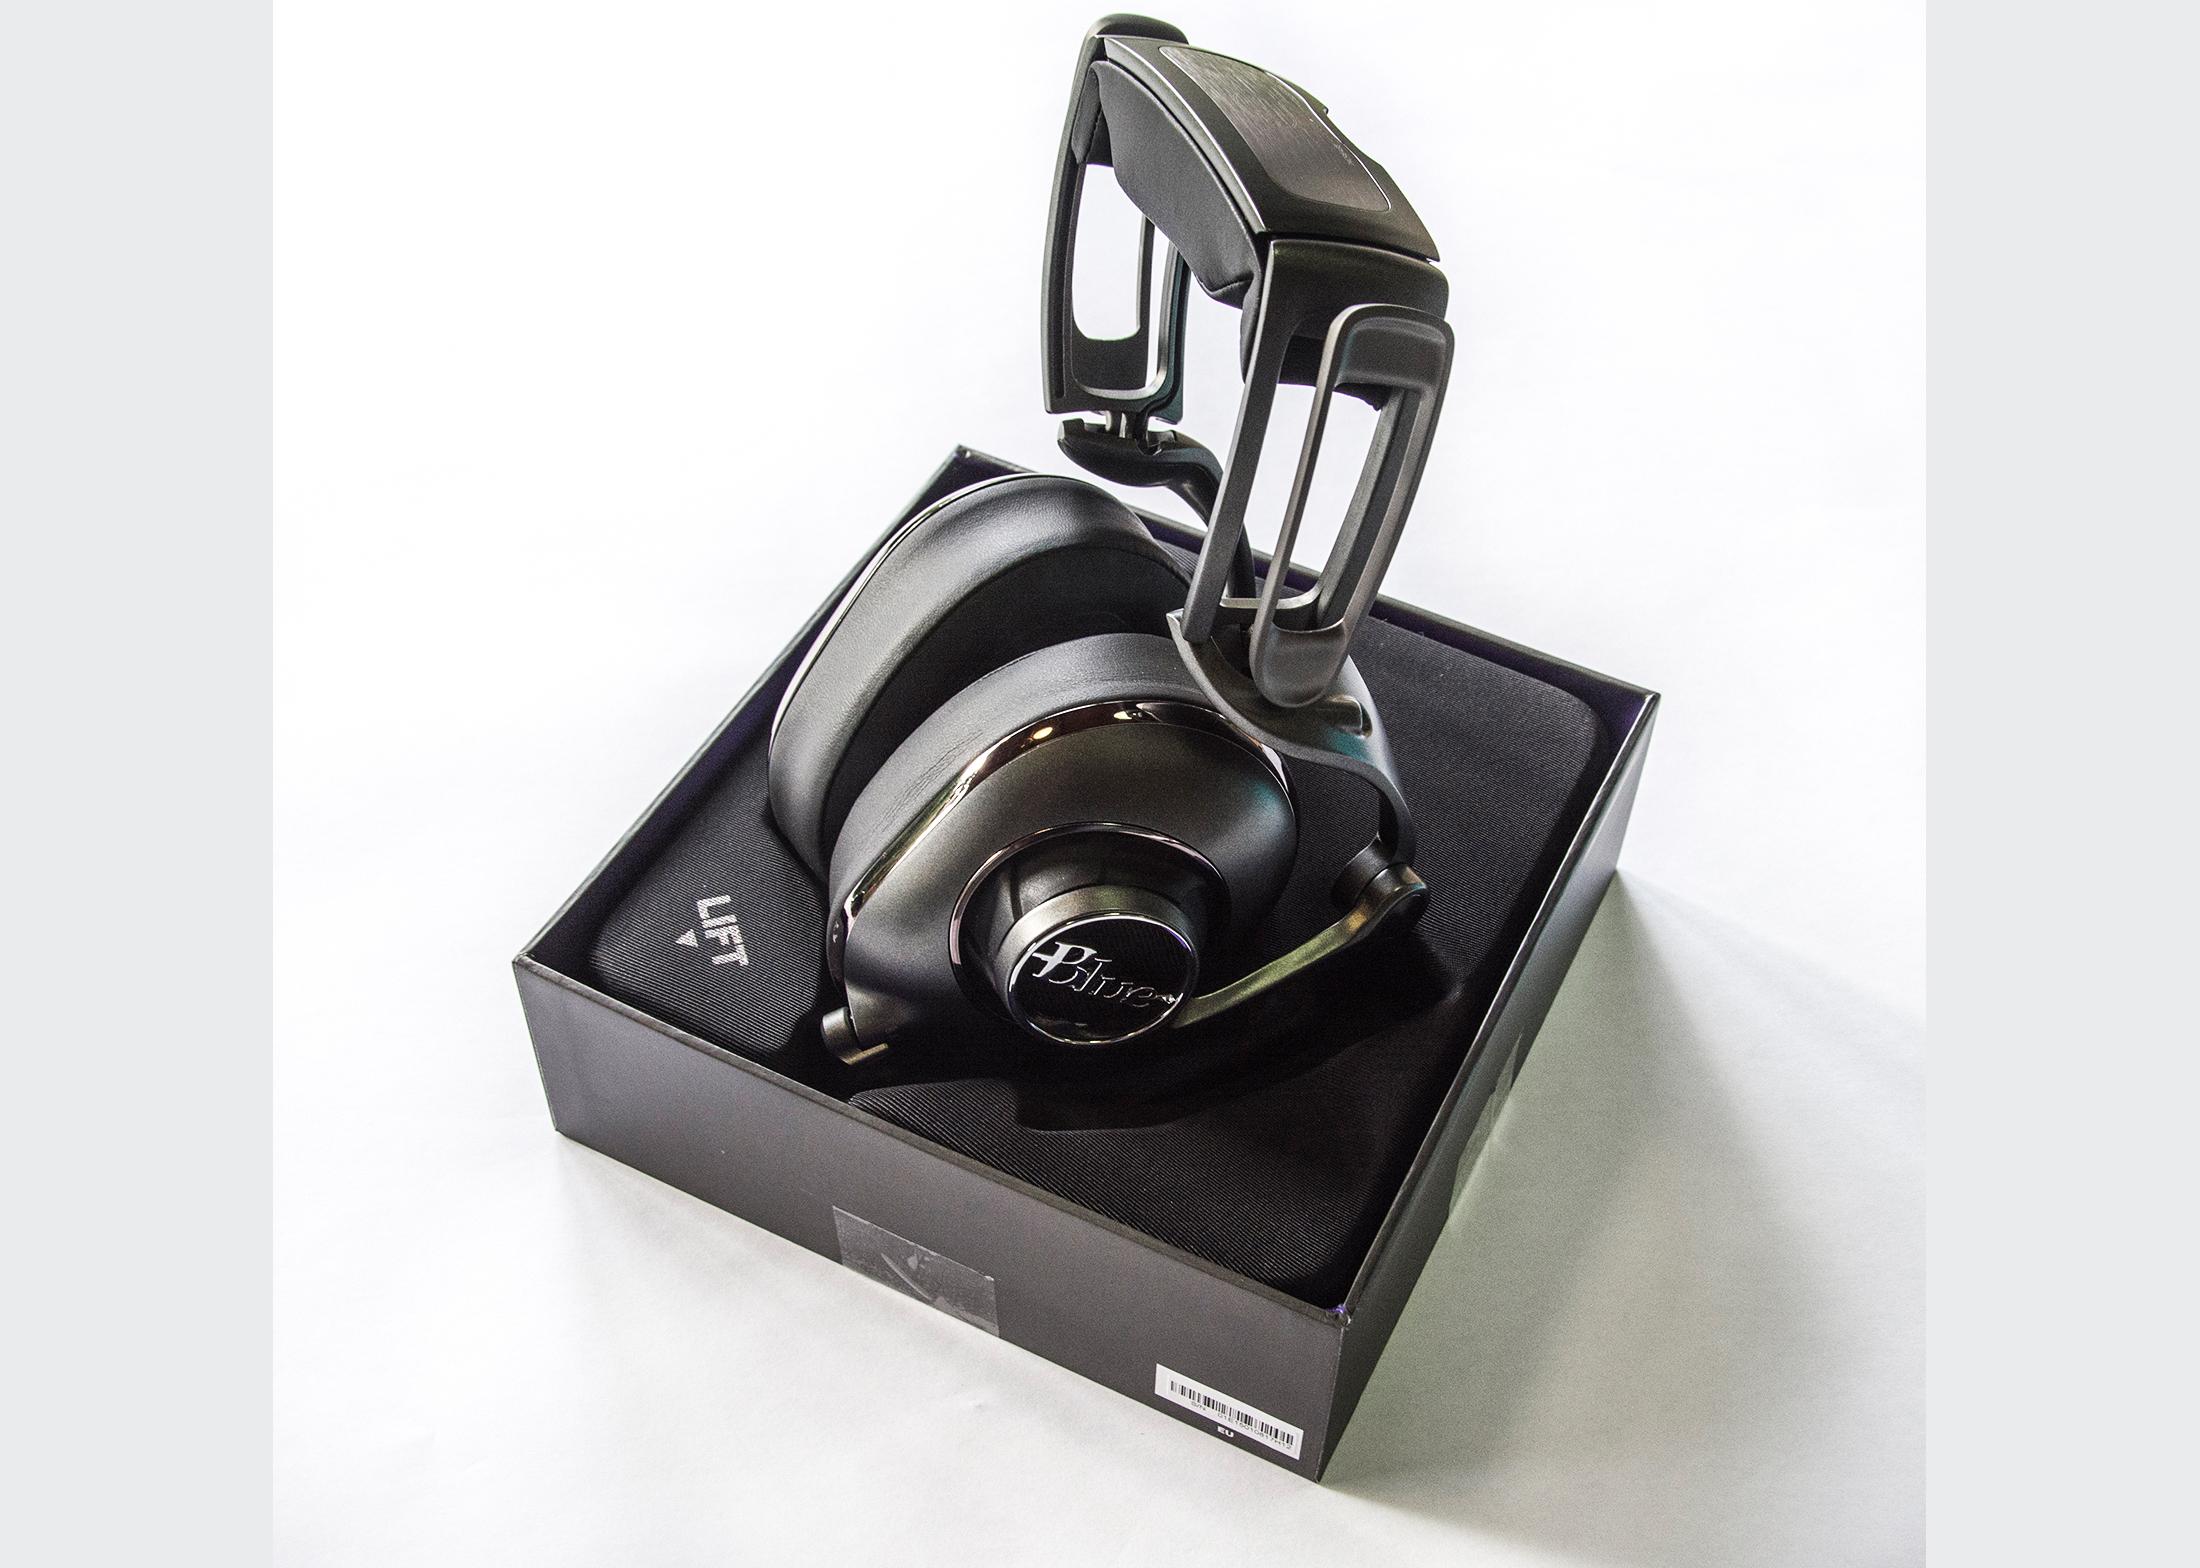 Photo of עיצוב מכוכב אחר: אוזניות ה-Blue Mo-Fi מנסות להתחרות בליגה של הגדולים